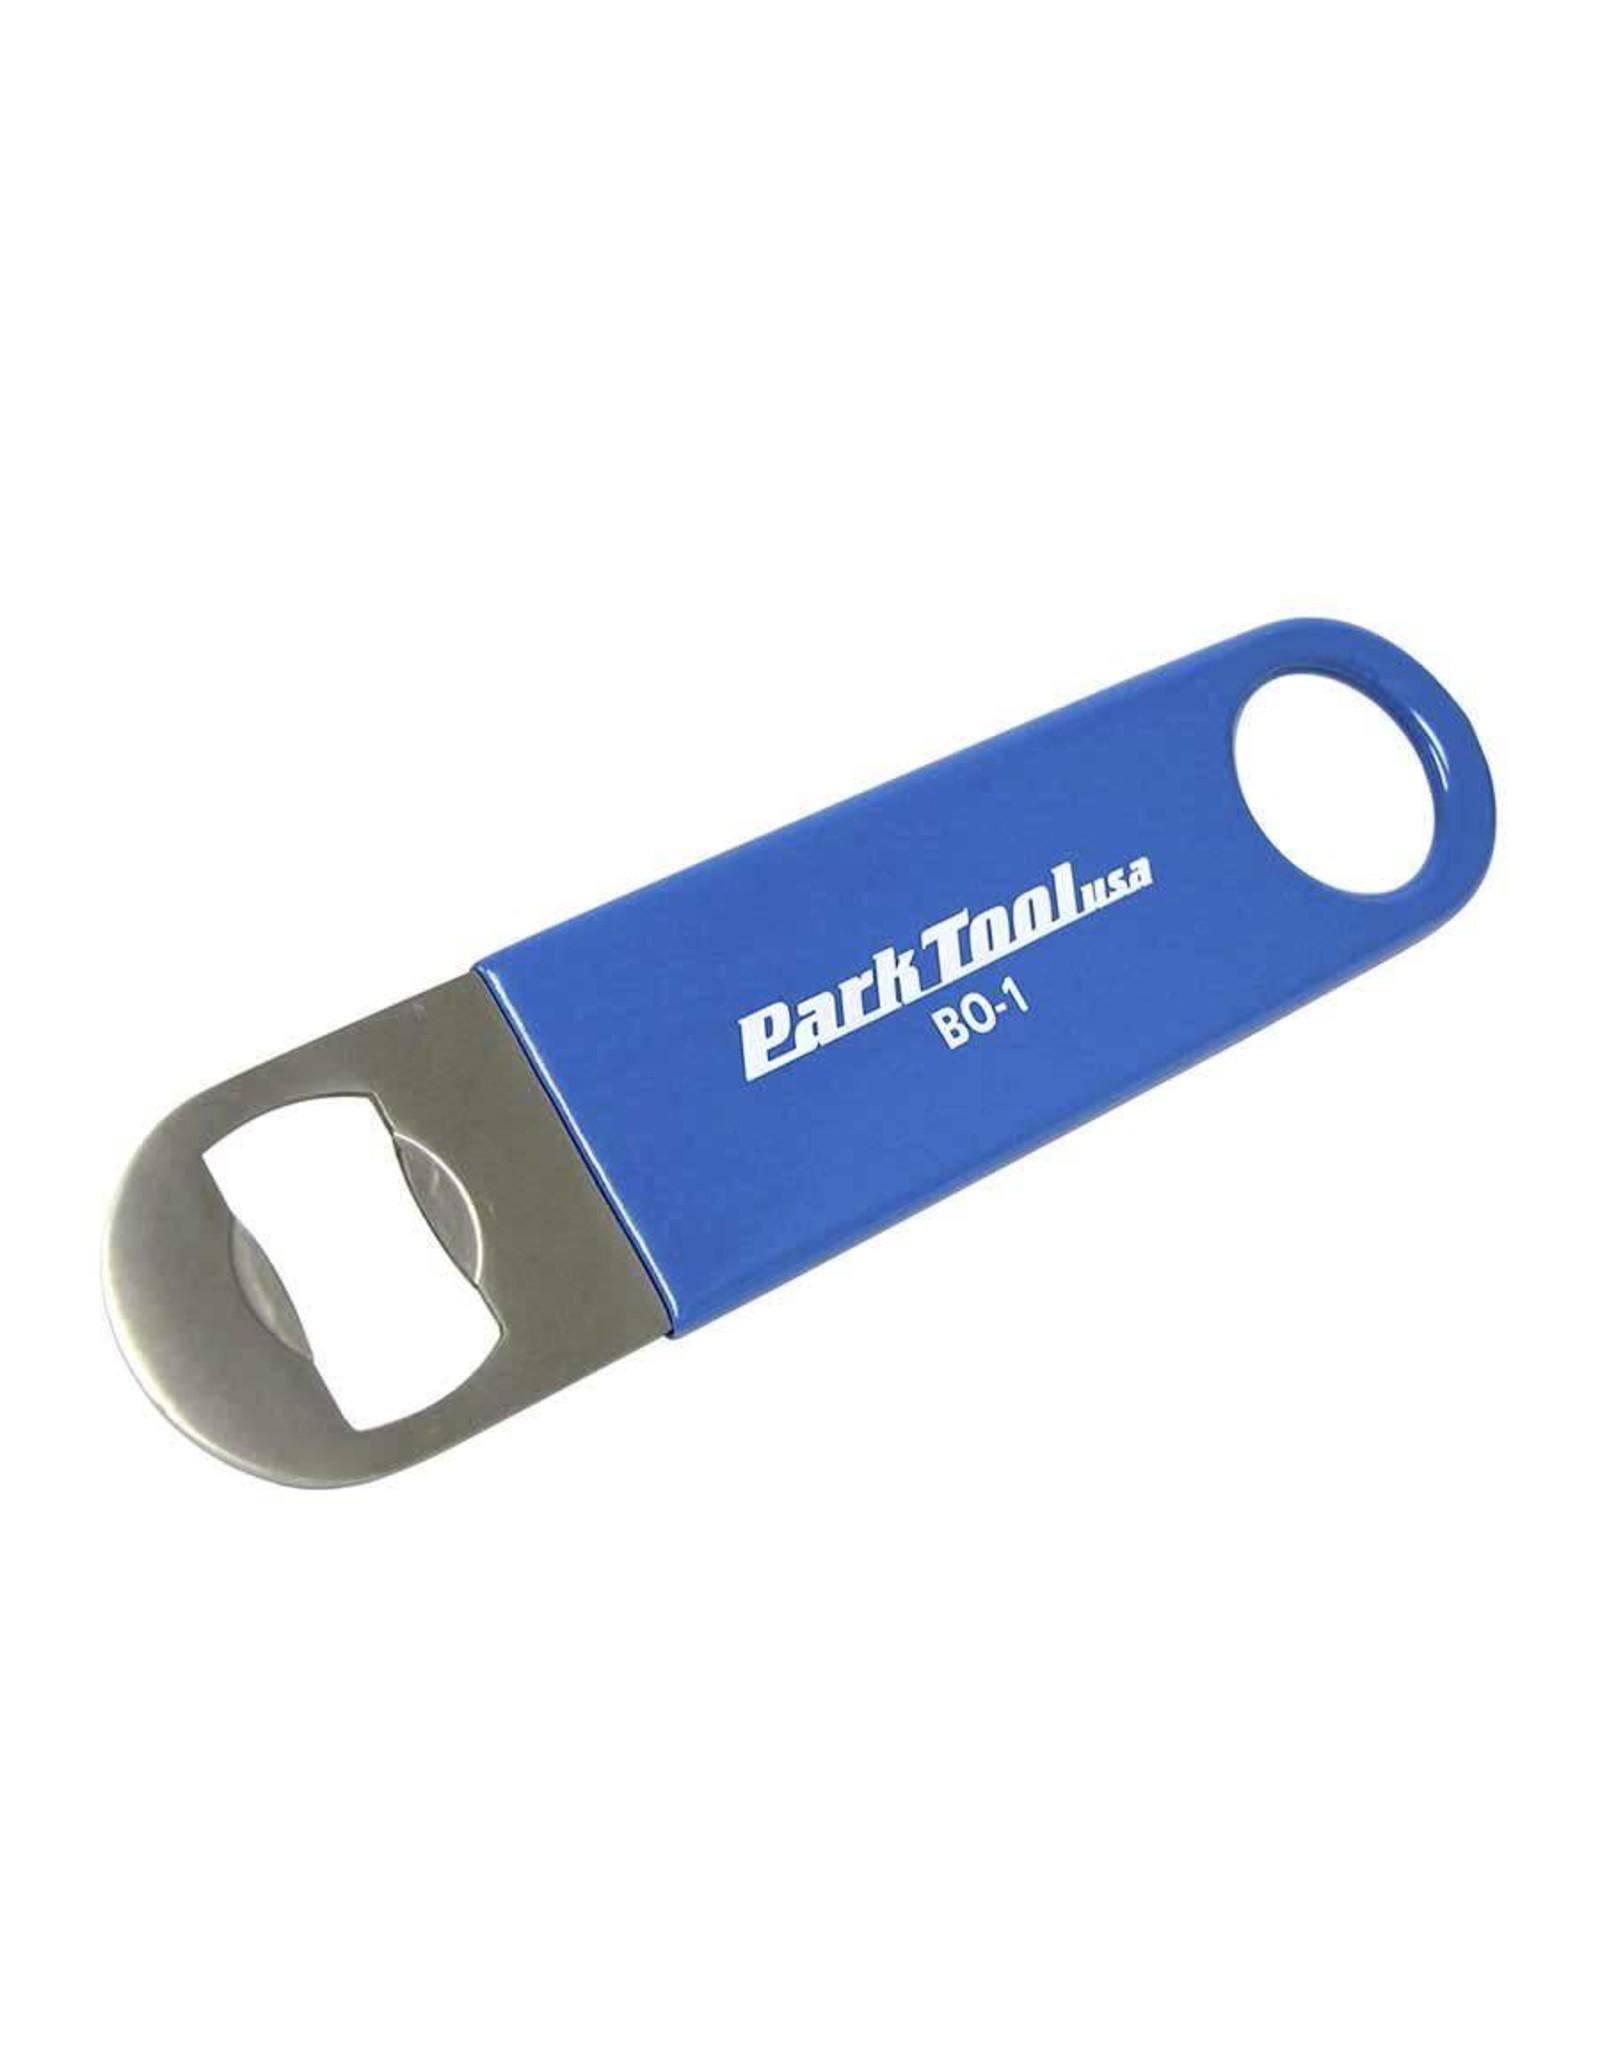 Park tool Bottle opener, BO-2